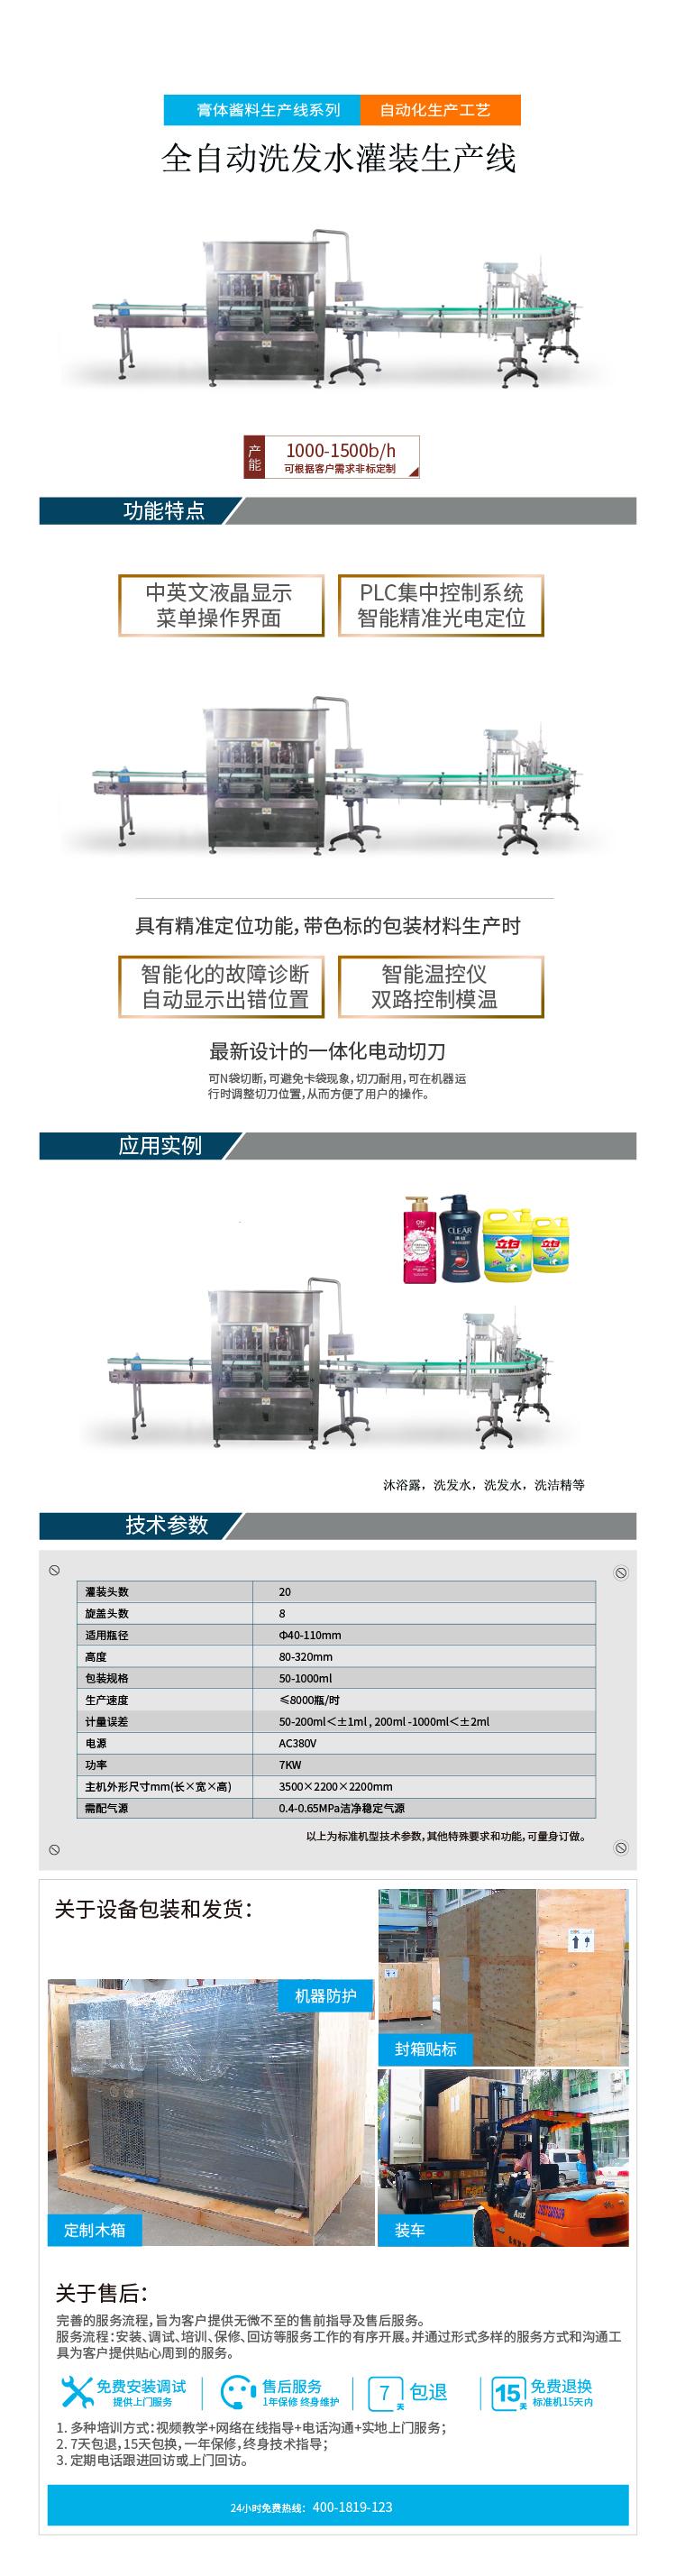 洗发水灌装线(1).jpg